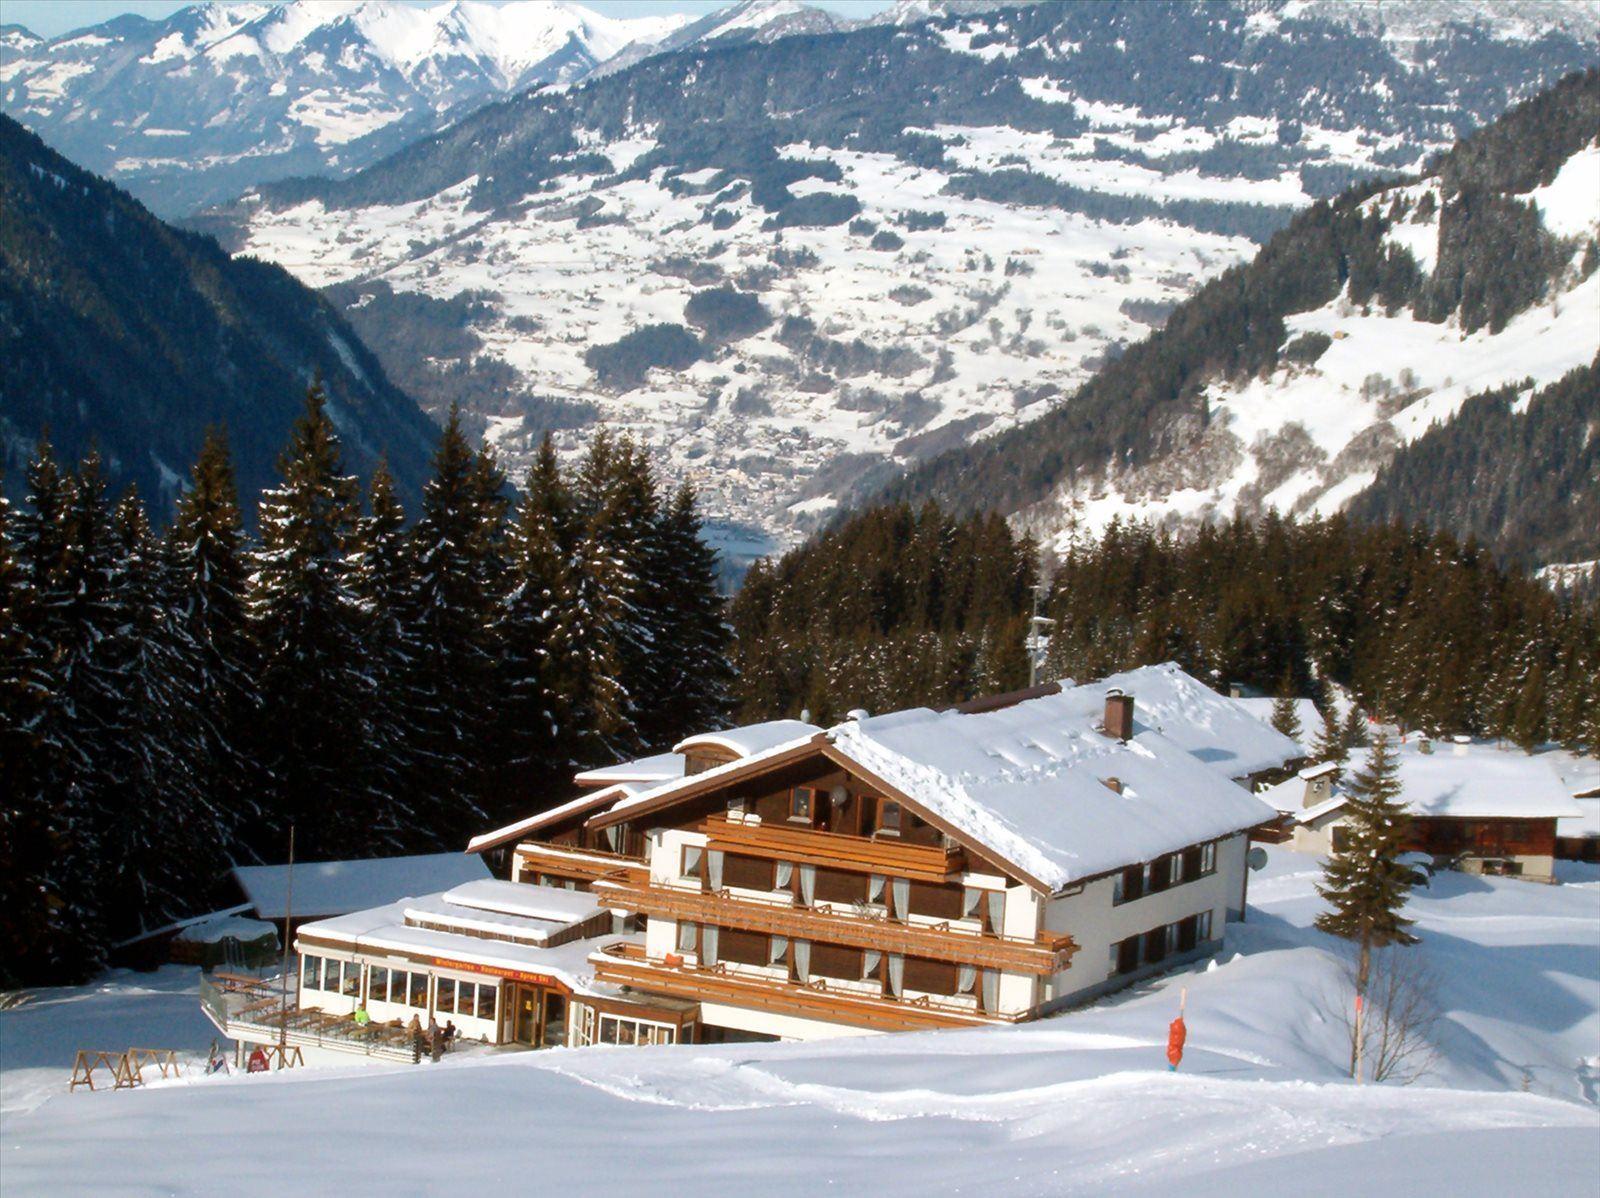 Alpenhotel Garfrescha -  St. Gallenkirch